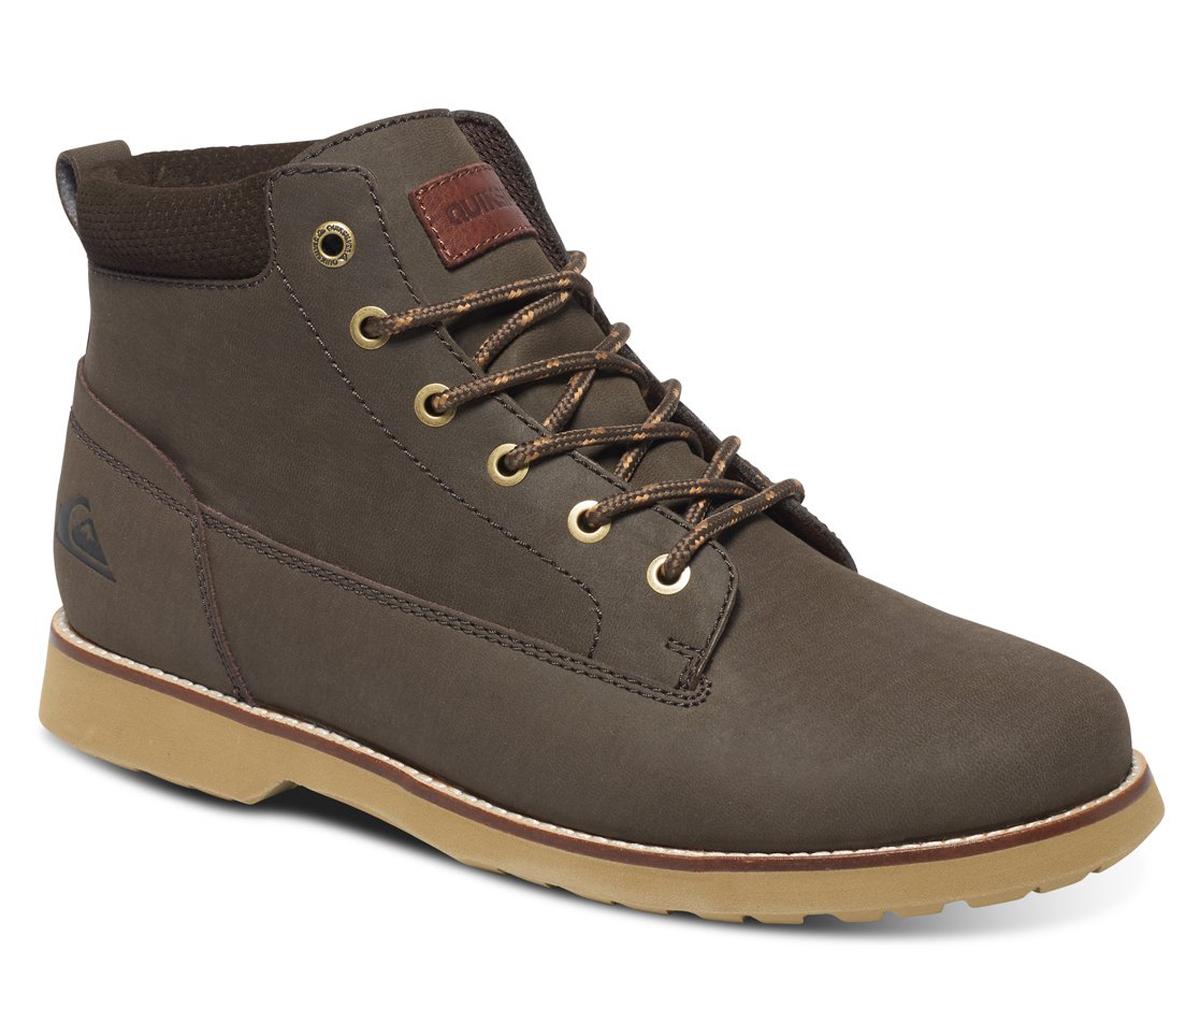 AQYB700022-XCCCМужские ботинки Mission II от Quiksilver выполнены из натуральной кожи. Подкладка выполнена из теплой и уютной шерпы. Классическая шнуровка надежно зафиксирует модель на ноге. Удобные люверсы в стиле бордшортов позволяют быстро снимать и надевать ботинки. Многослойная стелька с функцией поддержки подъема стопы обеспечивает комфорт при движении.